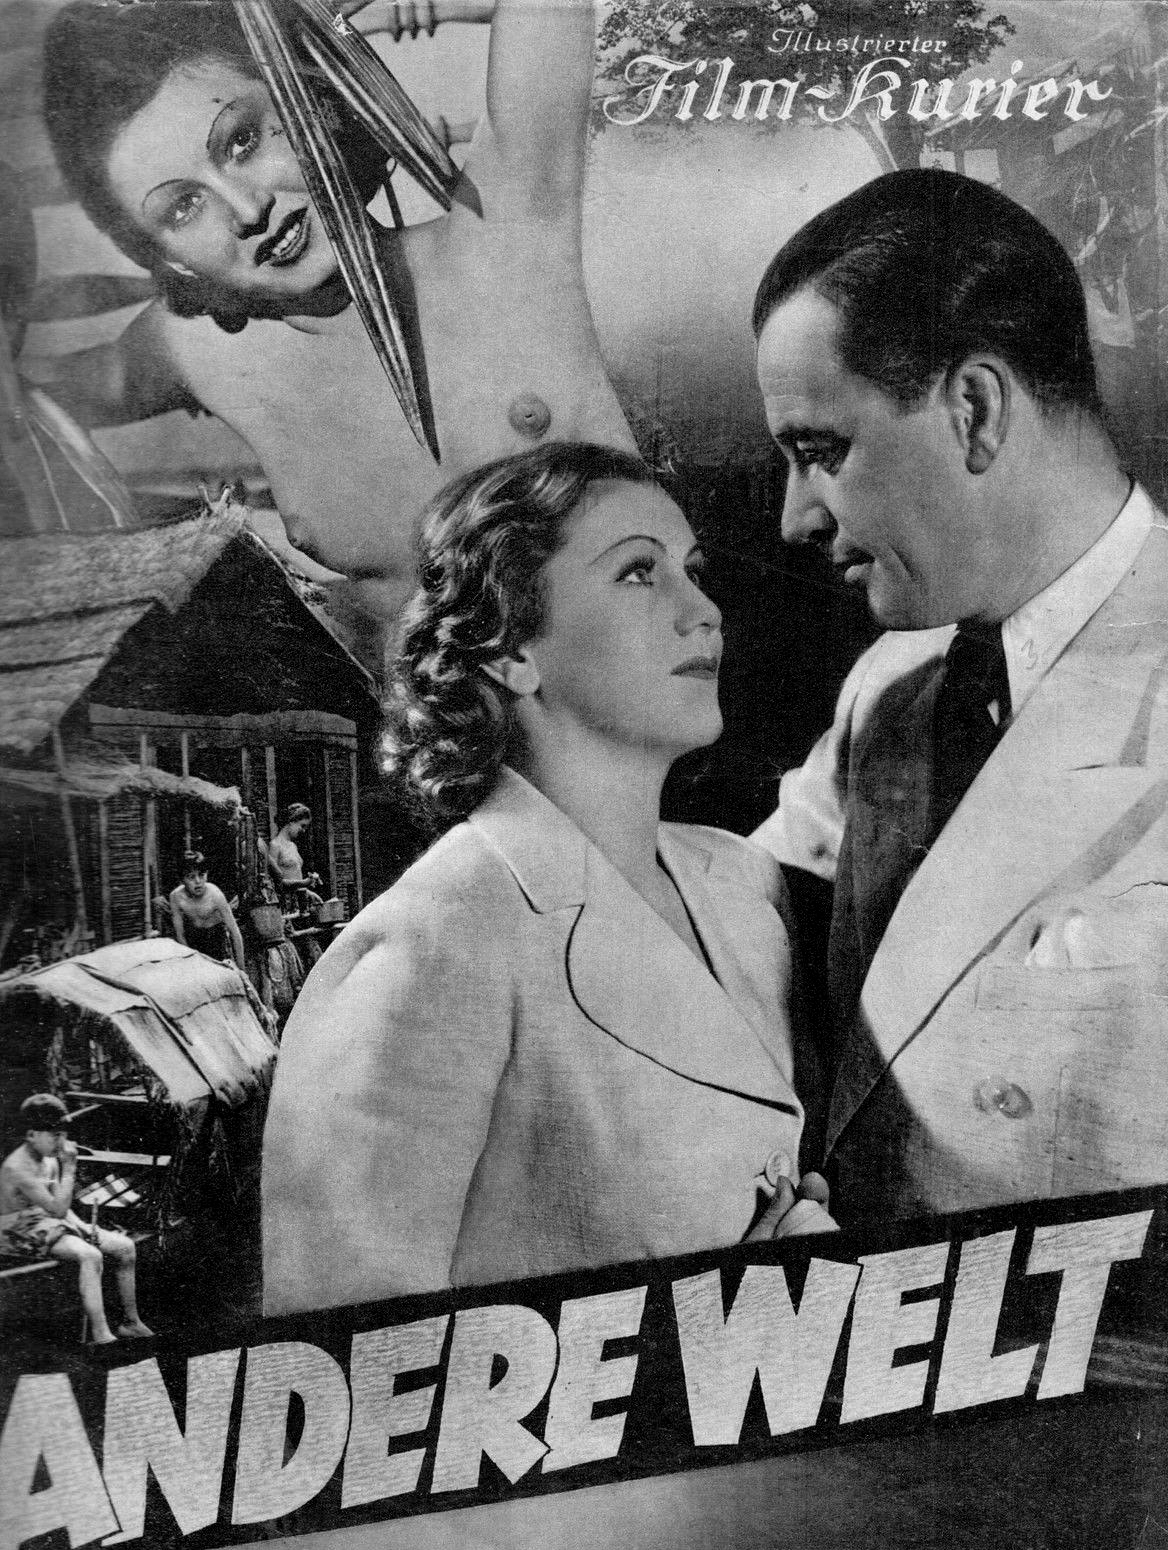 Karl Ludwig Diehl and Käthe Gold in Andere Welt (1937)